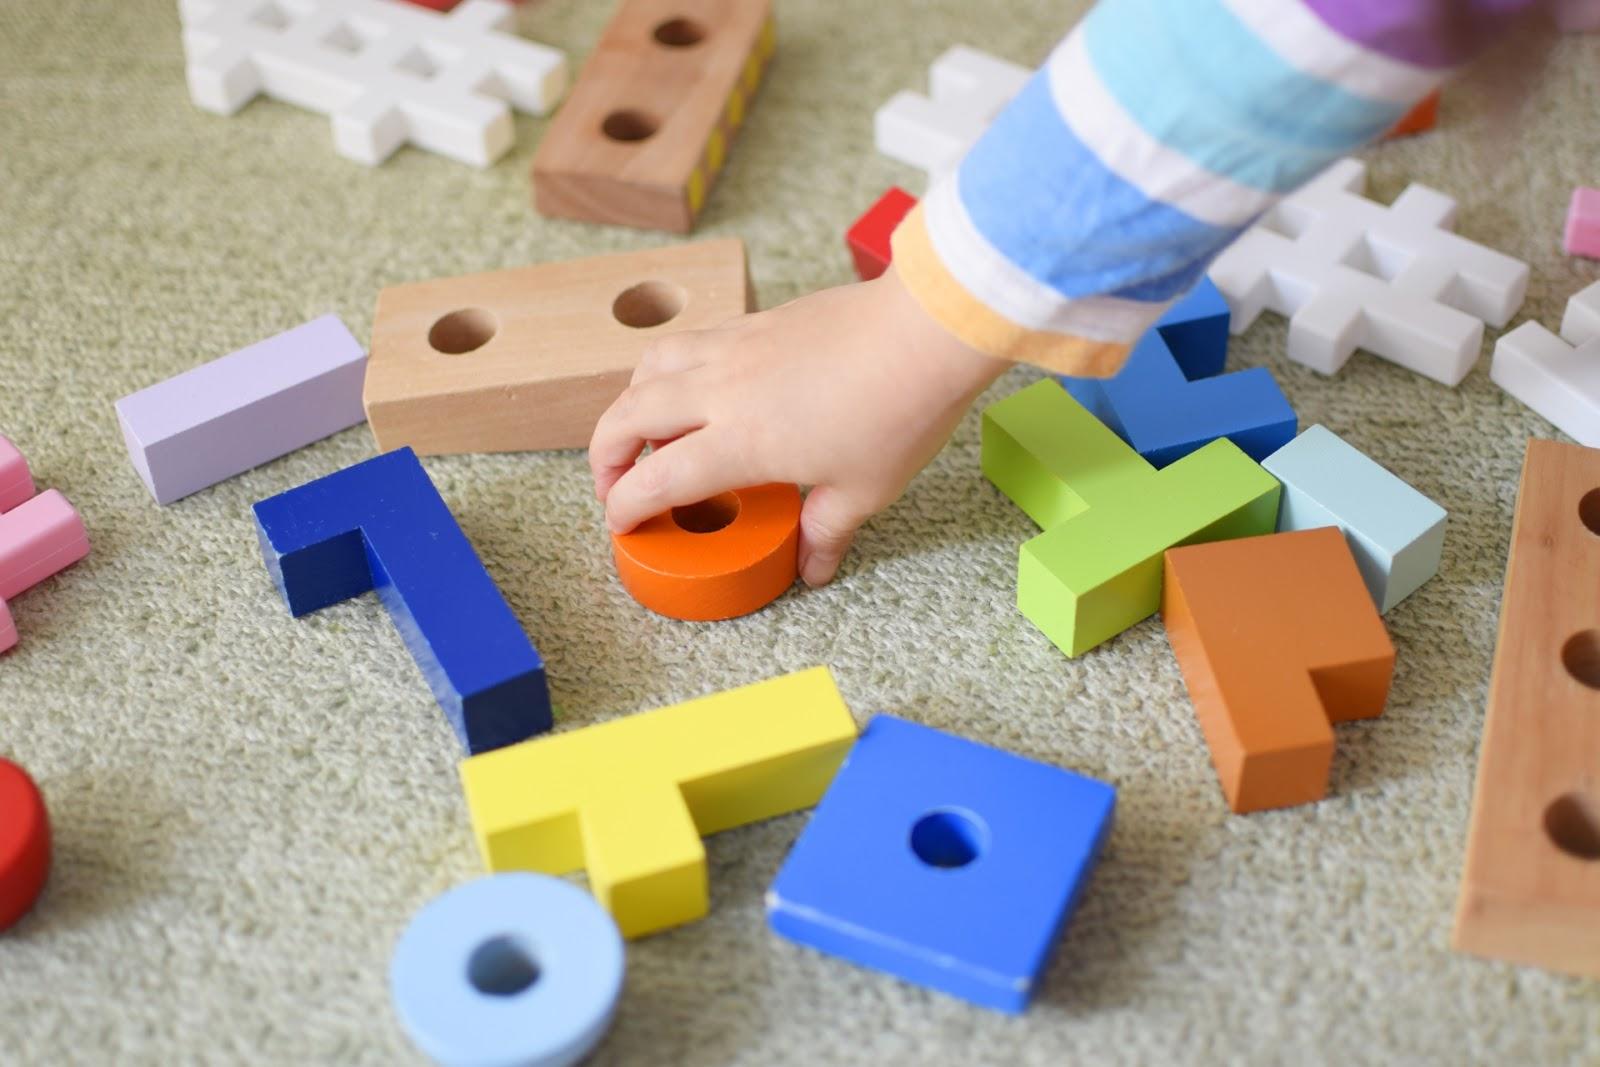 子どもが自分で率先してお片付け!実はお家の構造に理由があった